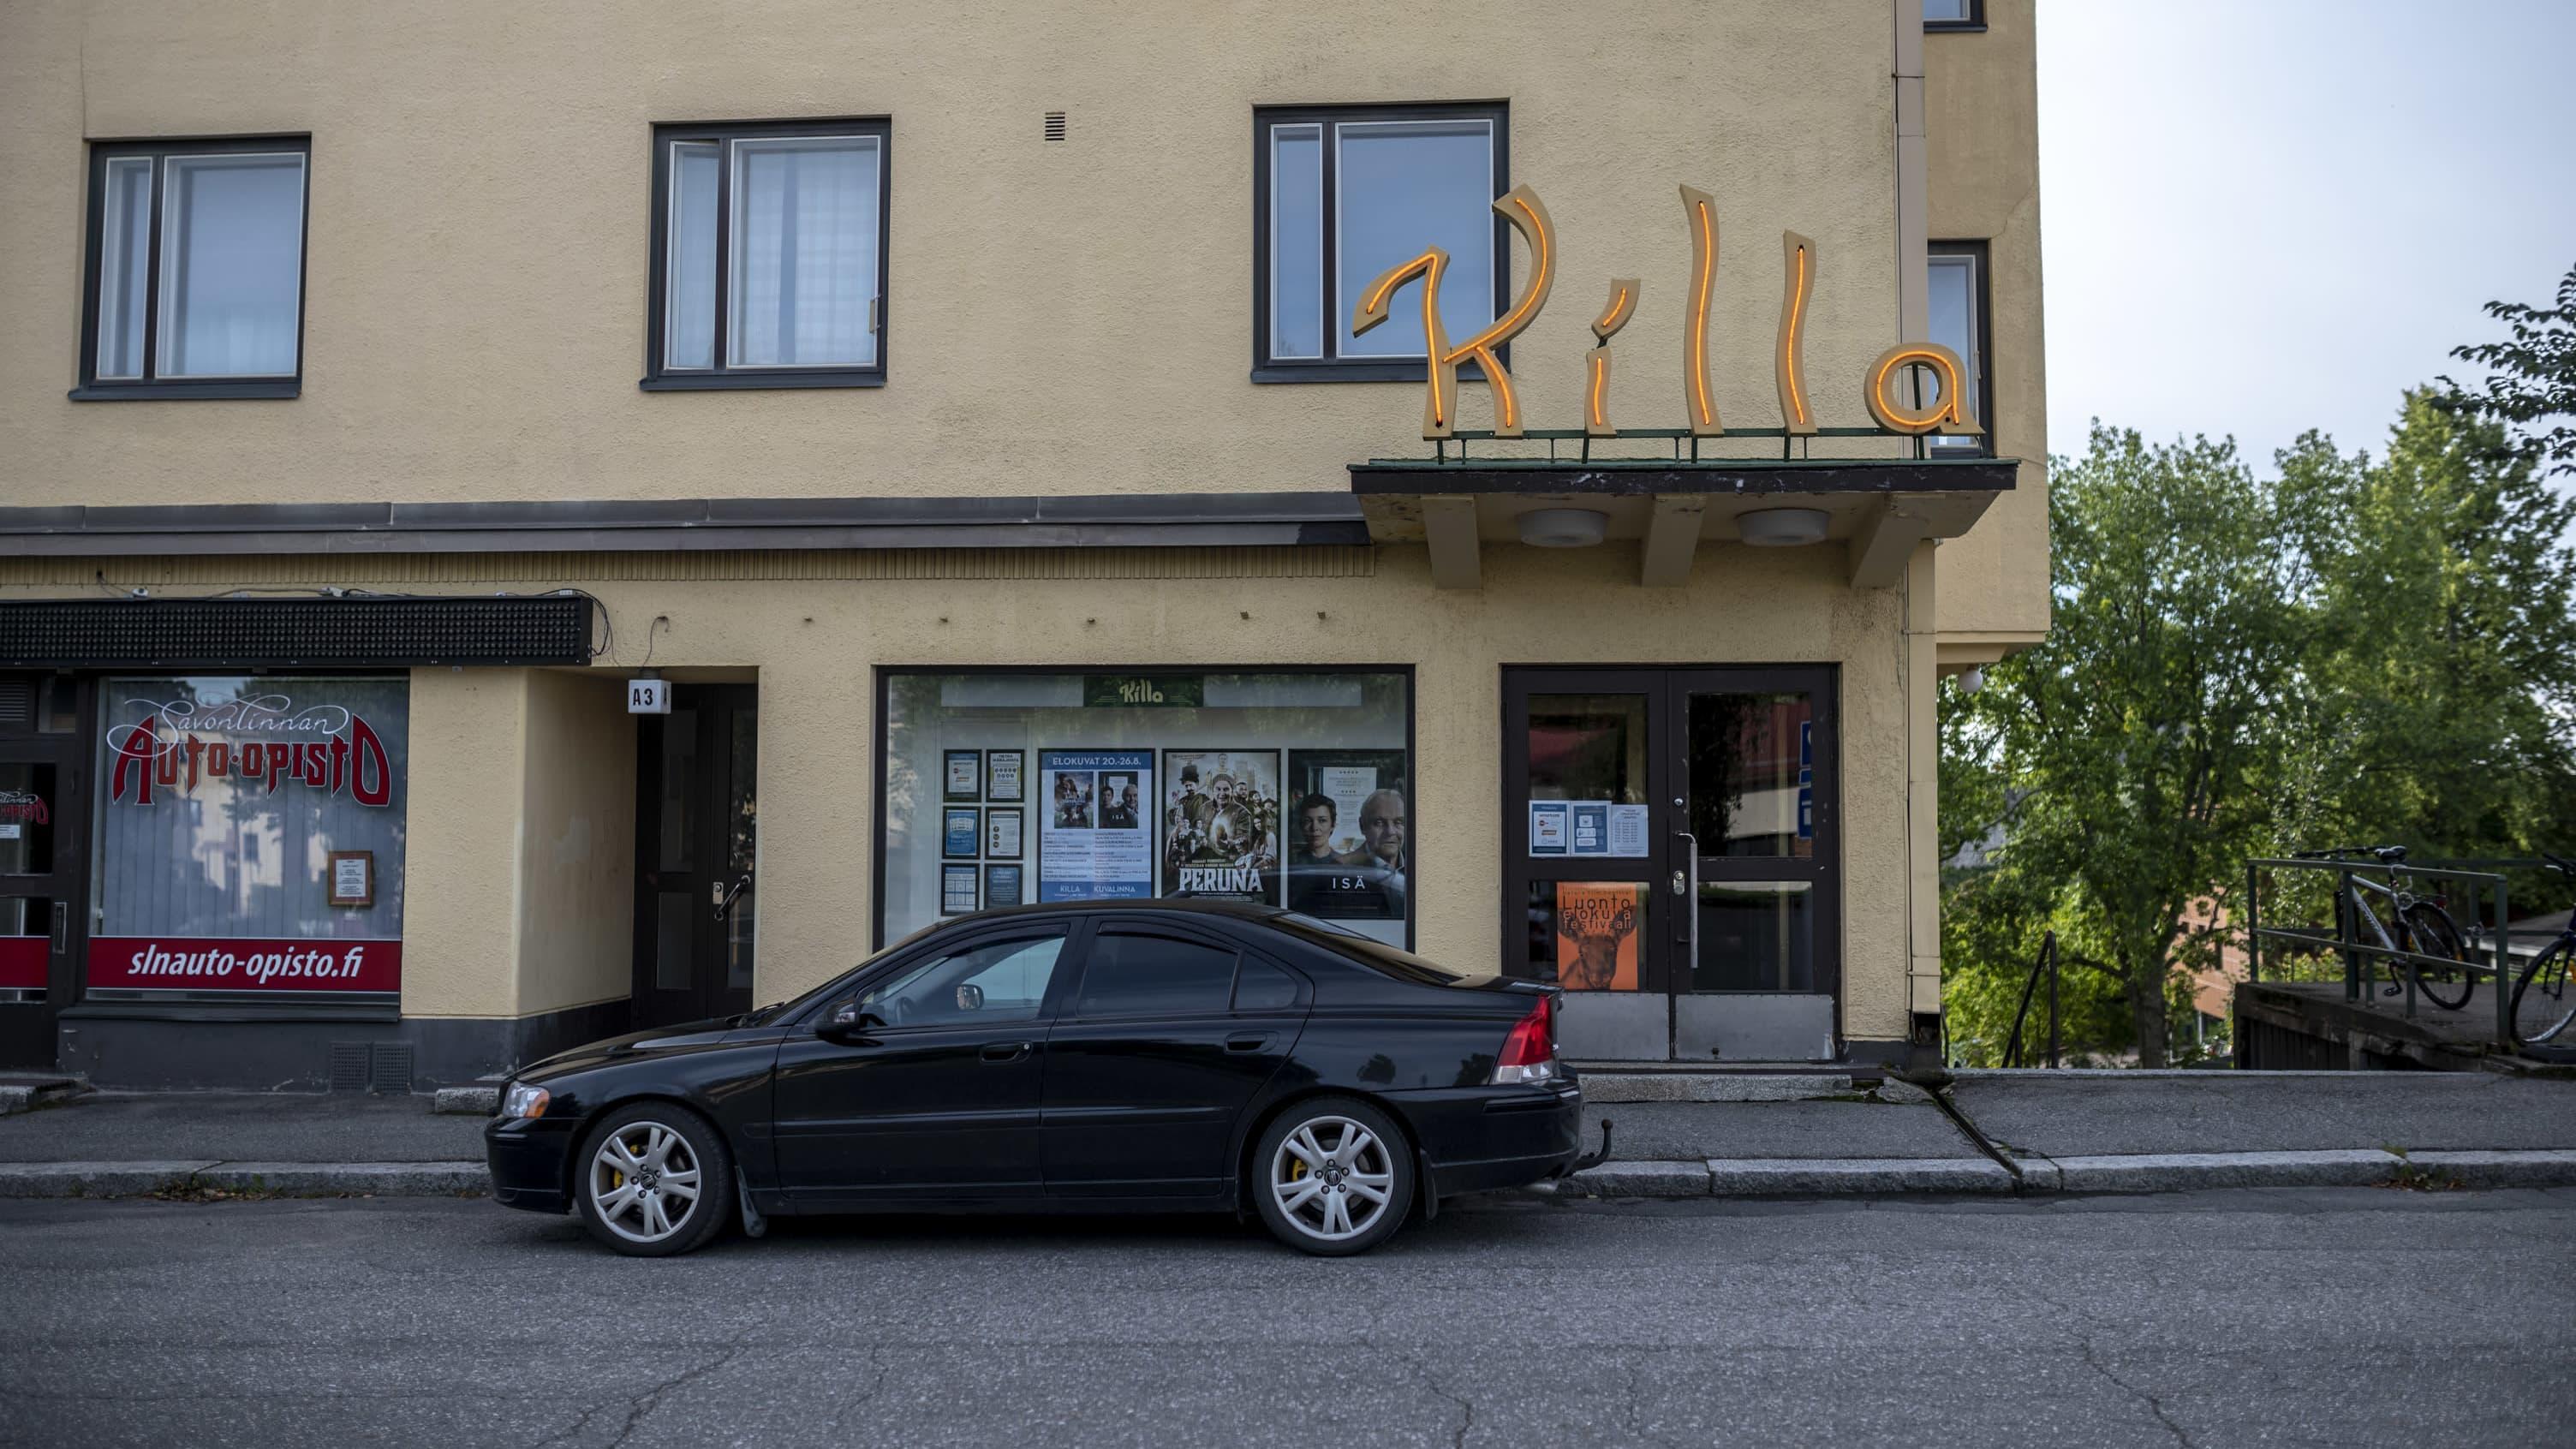 Elokuvateatteri Killan julkisivu Savonlinnassa